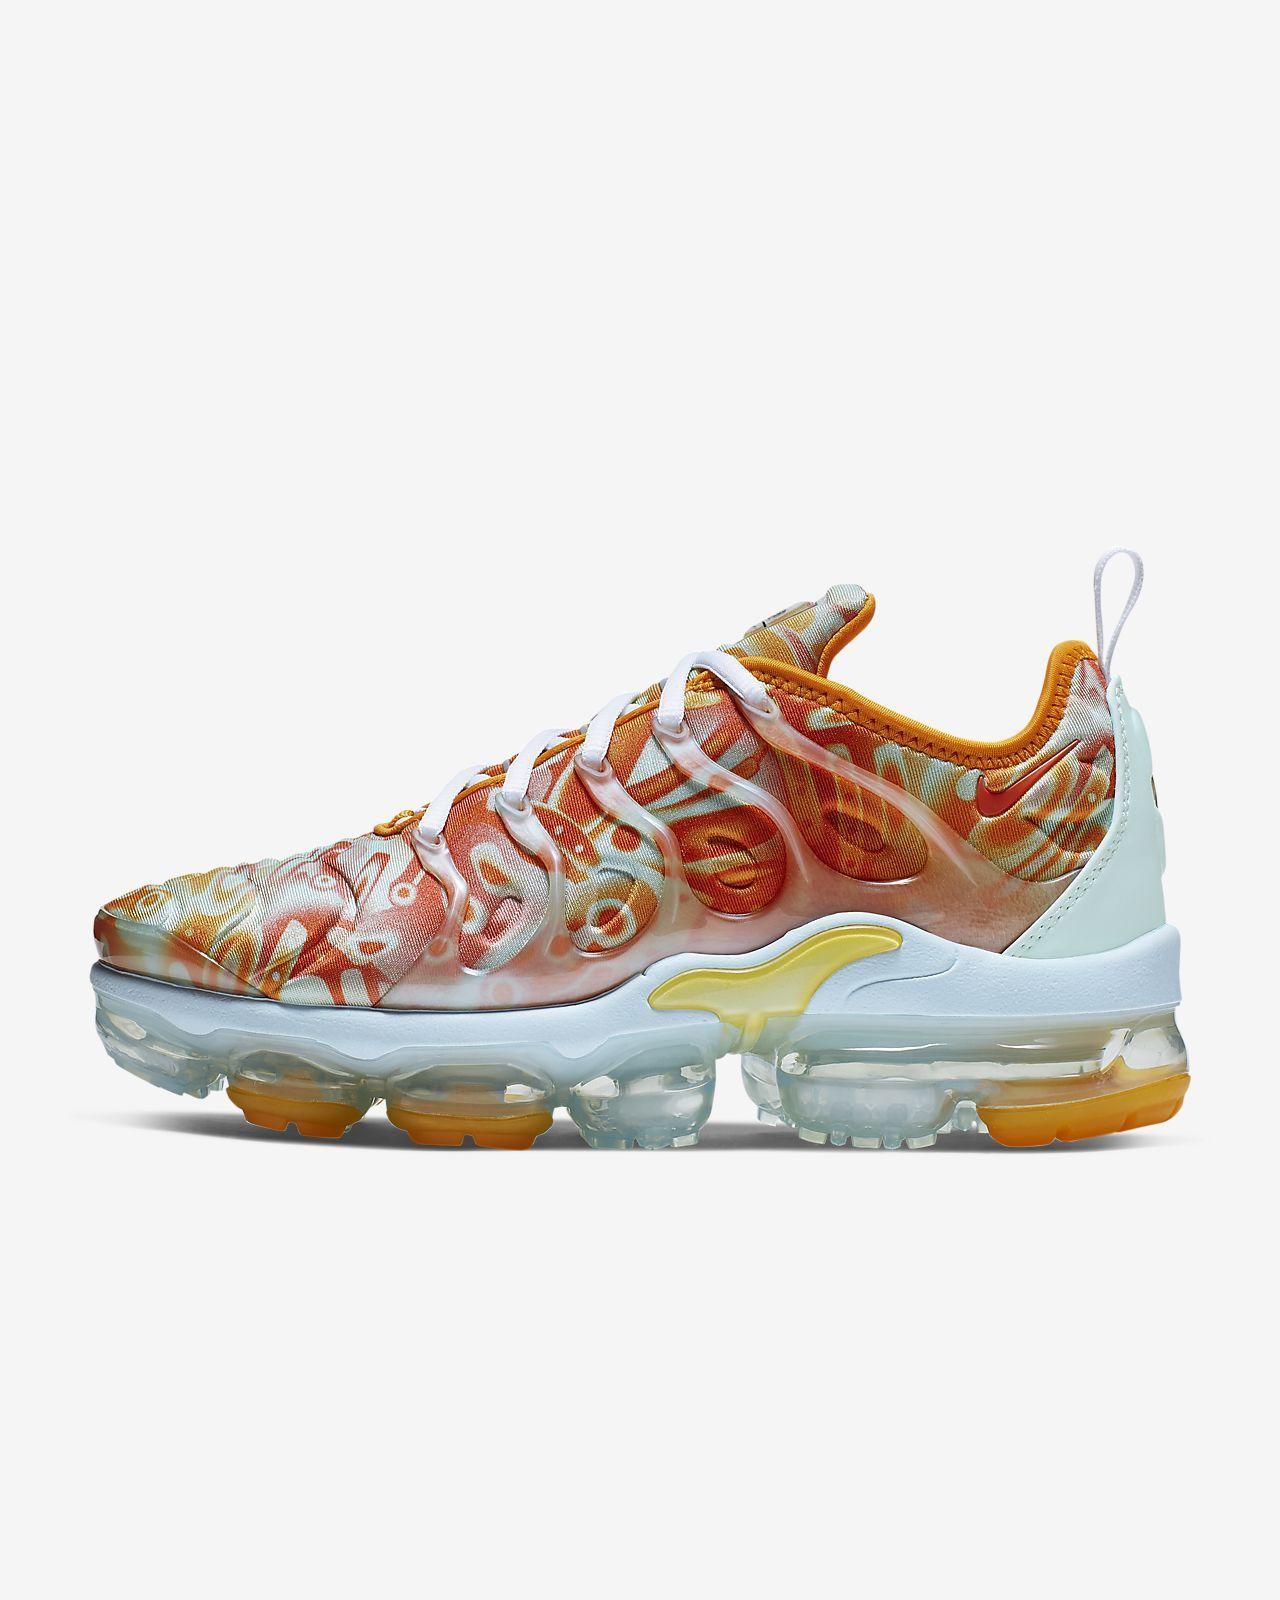 Nike air vapormax, Nike shoes women